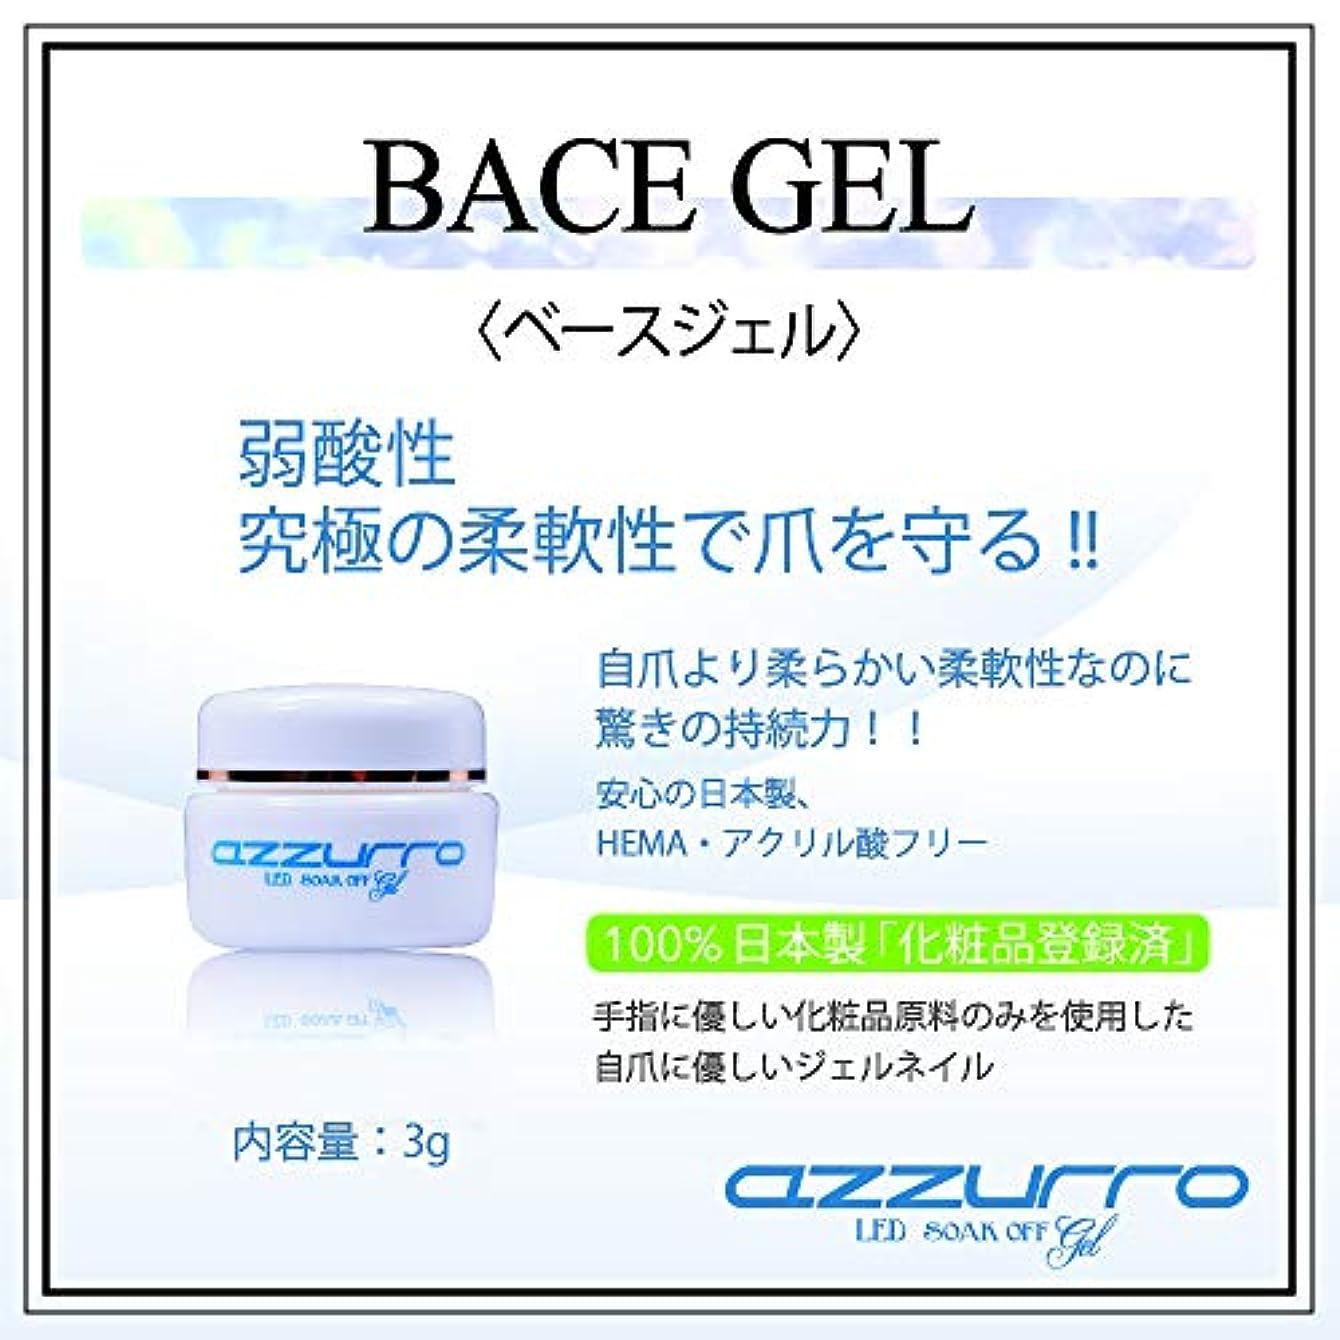 ガラス歴史変更azzurro gel アッズーロ ベースジェル 日本製 驚きの密着力 リムーバーでオフも簡単3g